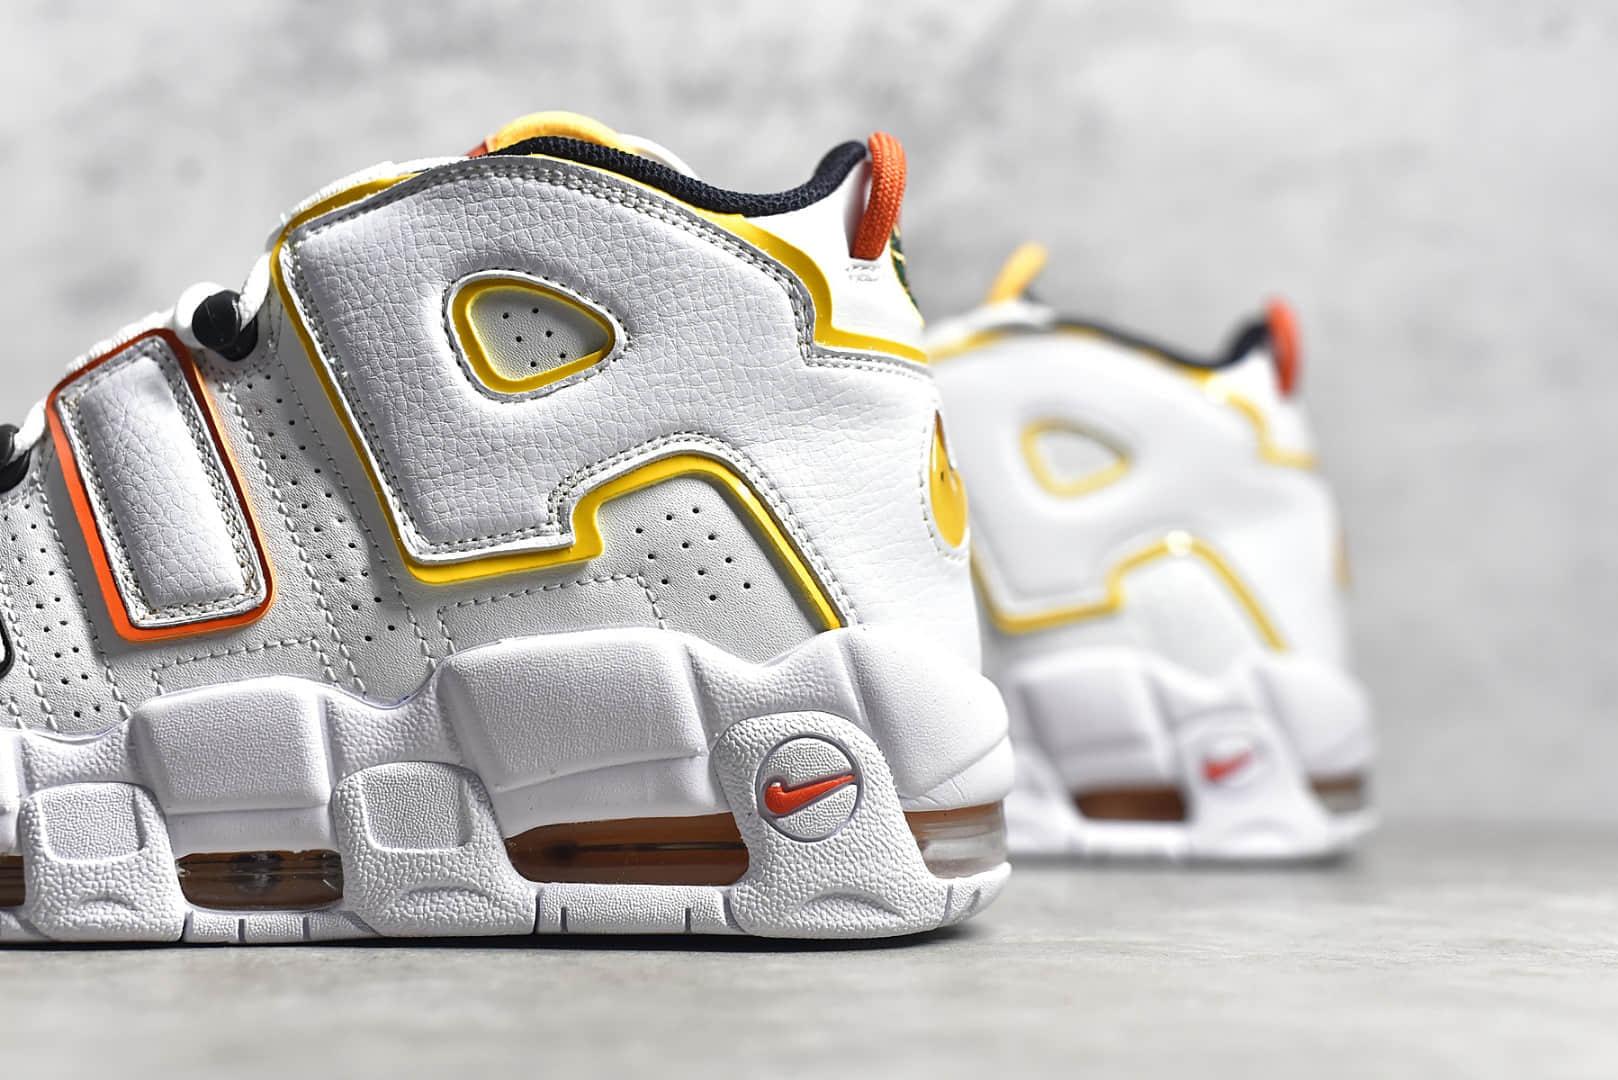 耐克皮蓬外星人配色实战球鞋 Nike Air More UPTEMPO Rayguns 皮蓬白蓝黄拼接高帮篮球鞋 货号:DD9223-100-潮流者之家